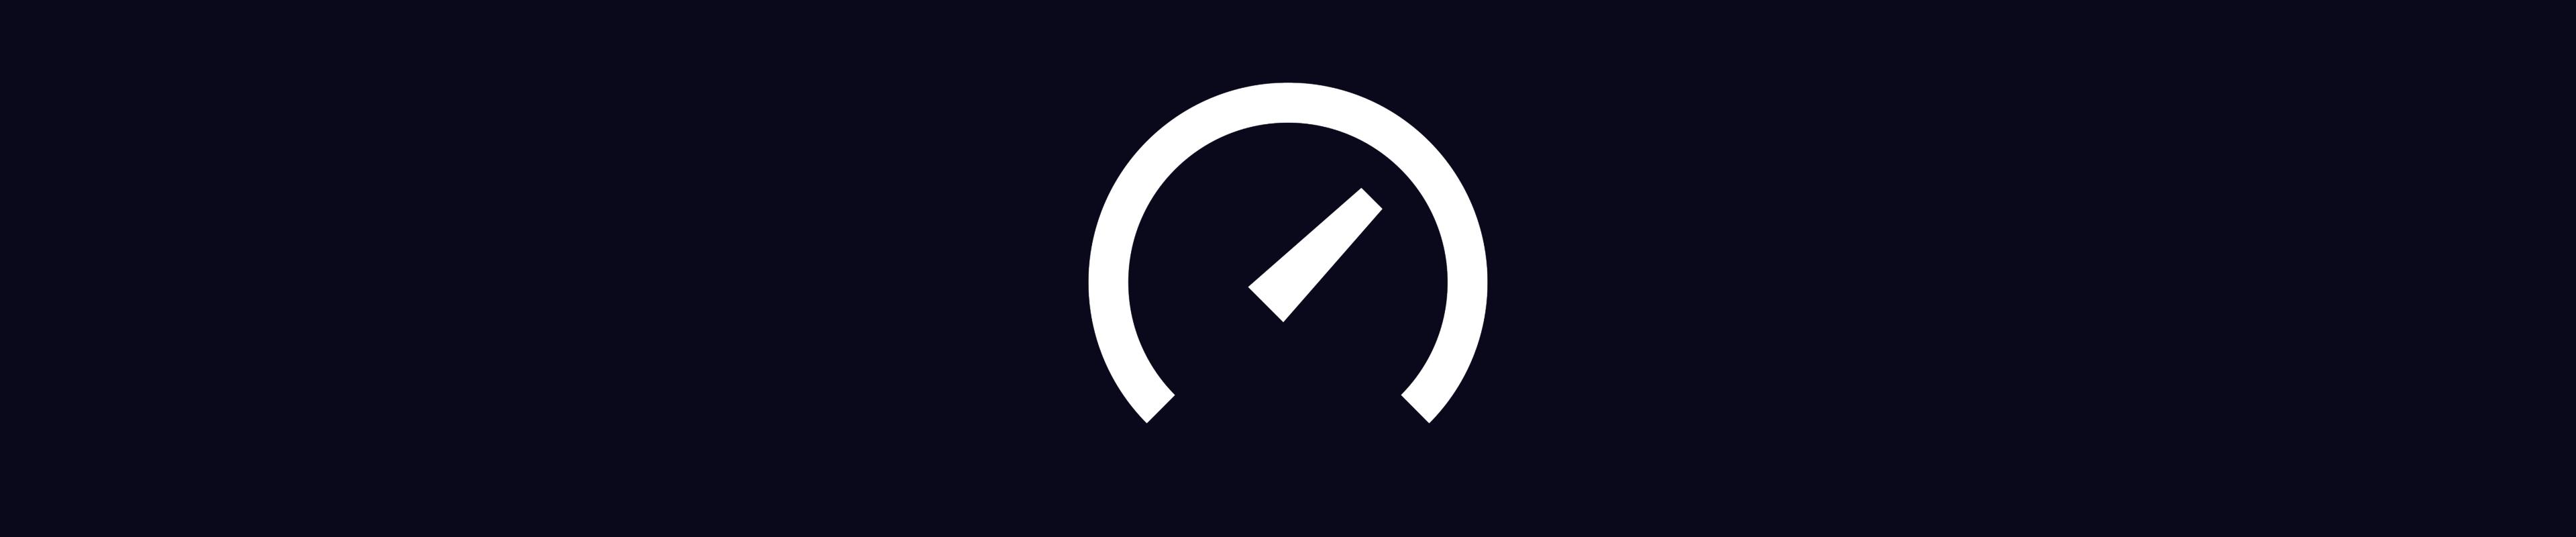 [内购]Speedtest.net Speed Test-草蜢资源